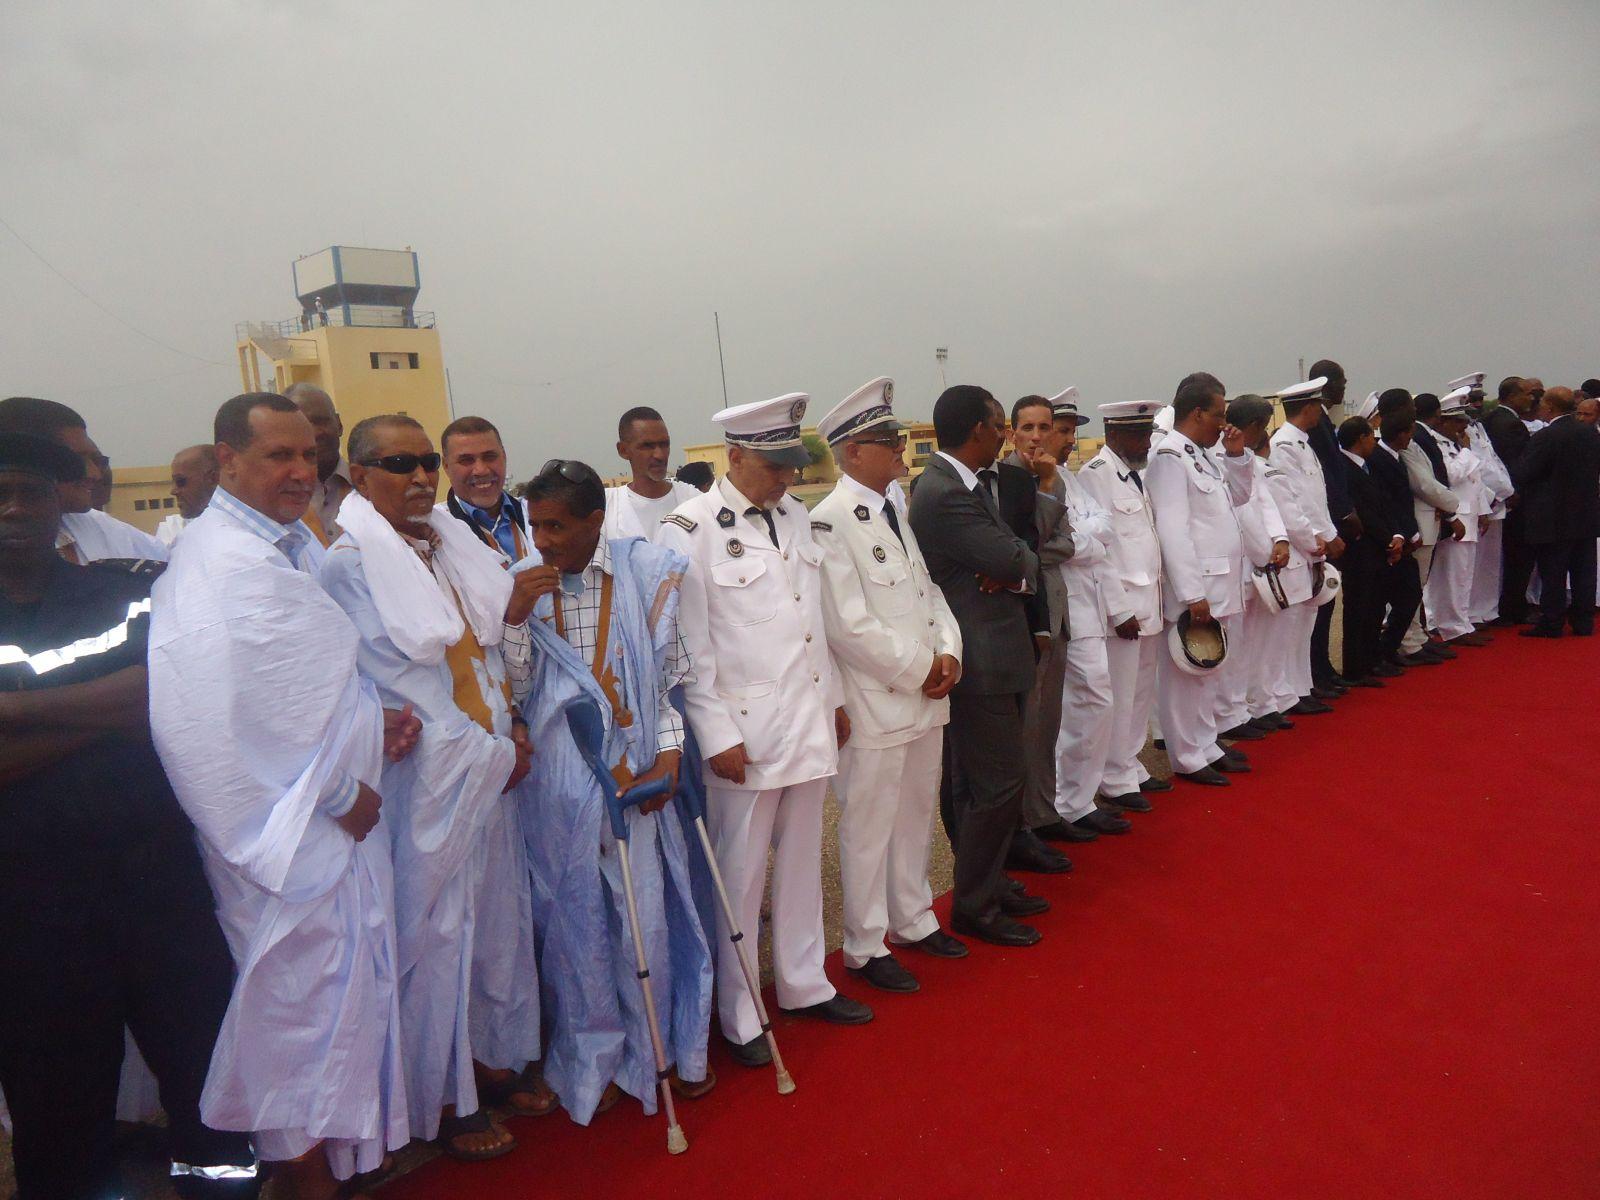 Accueil du Président Aziz à l'aéroport de Néma (photo: El hourriya.net)